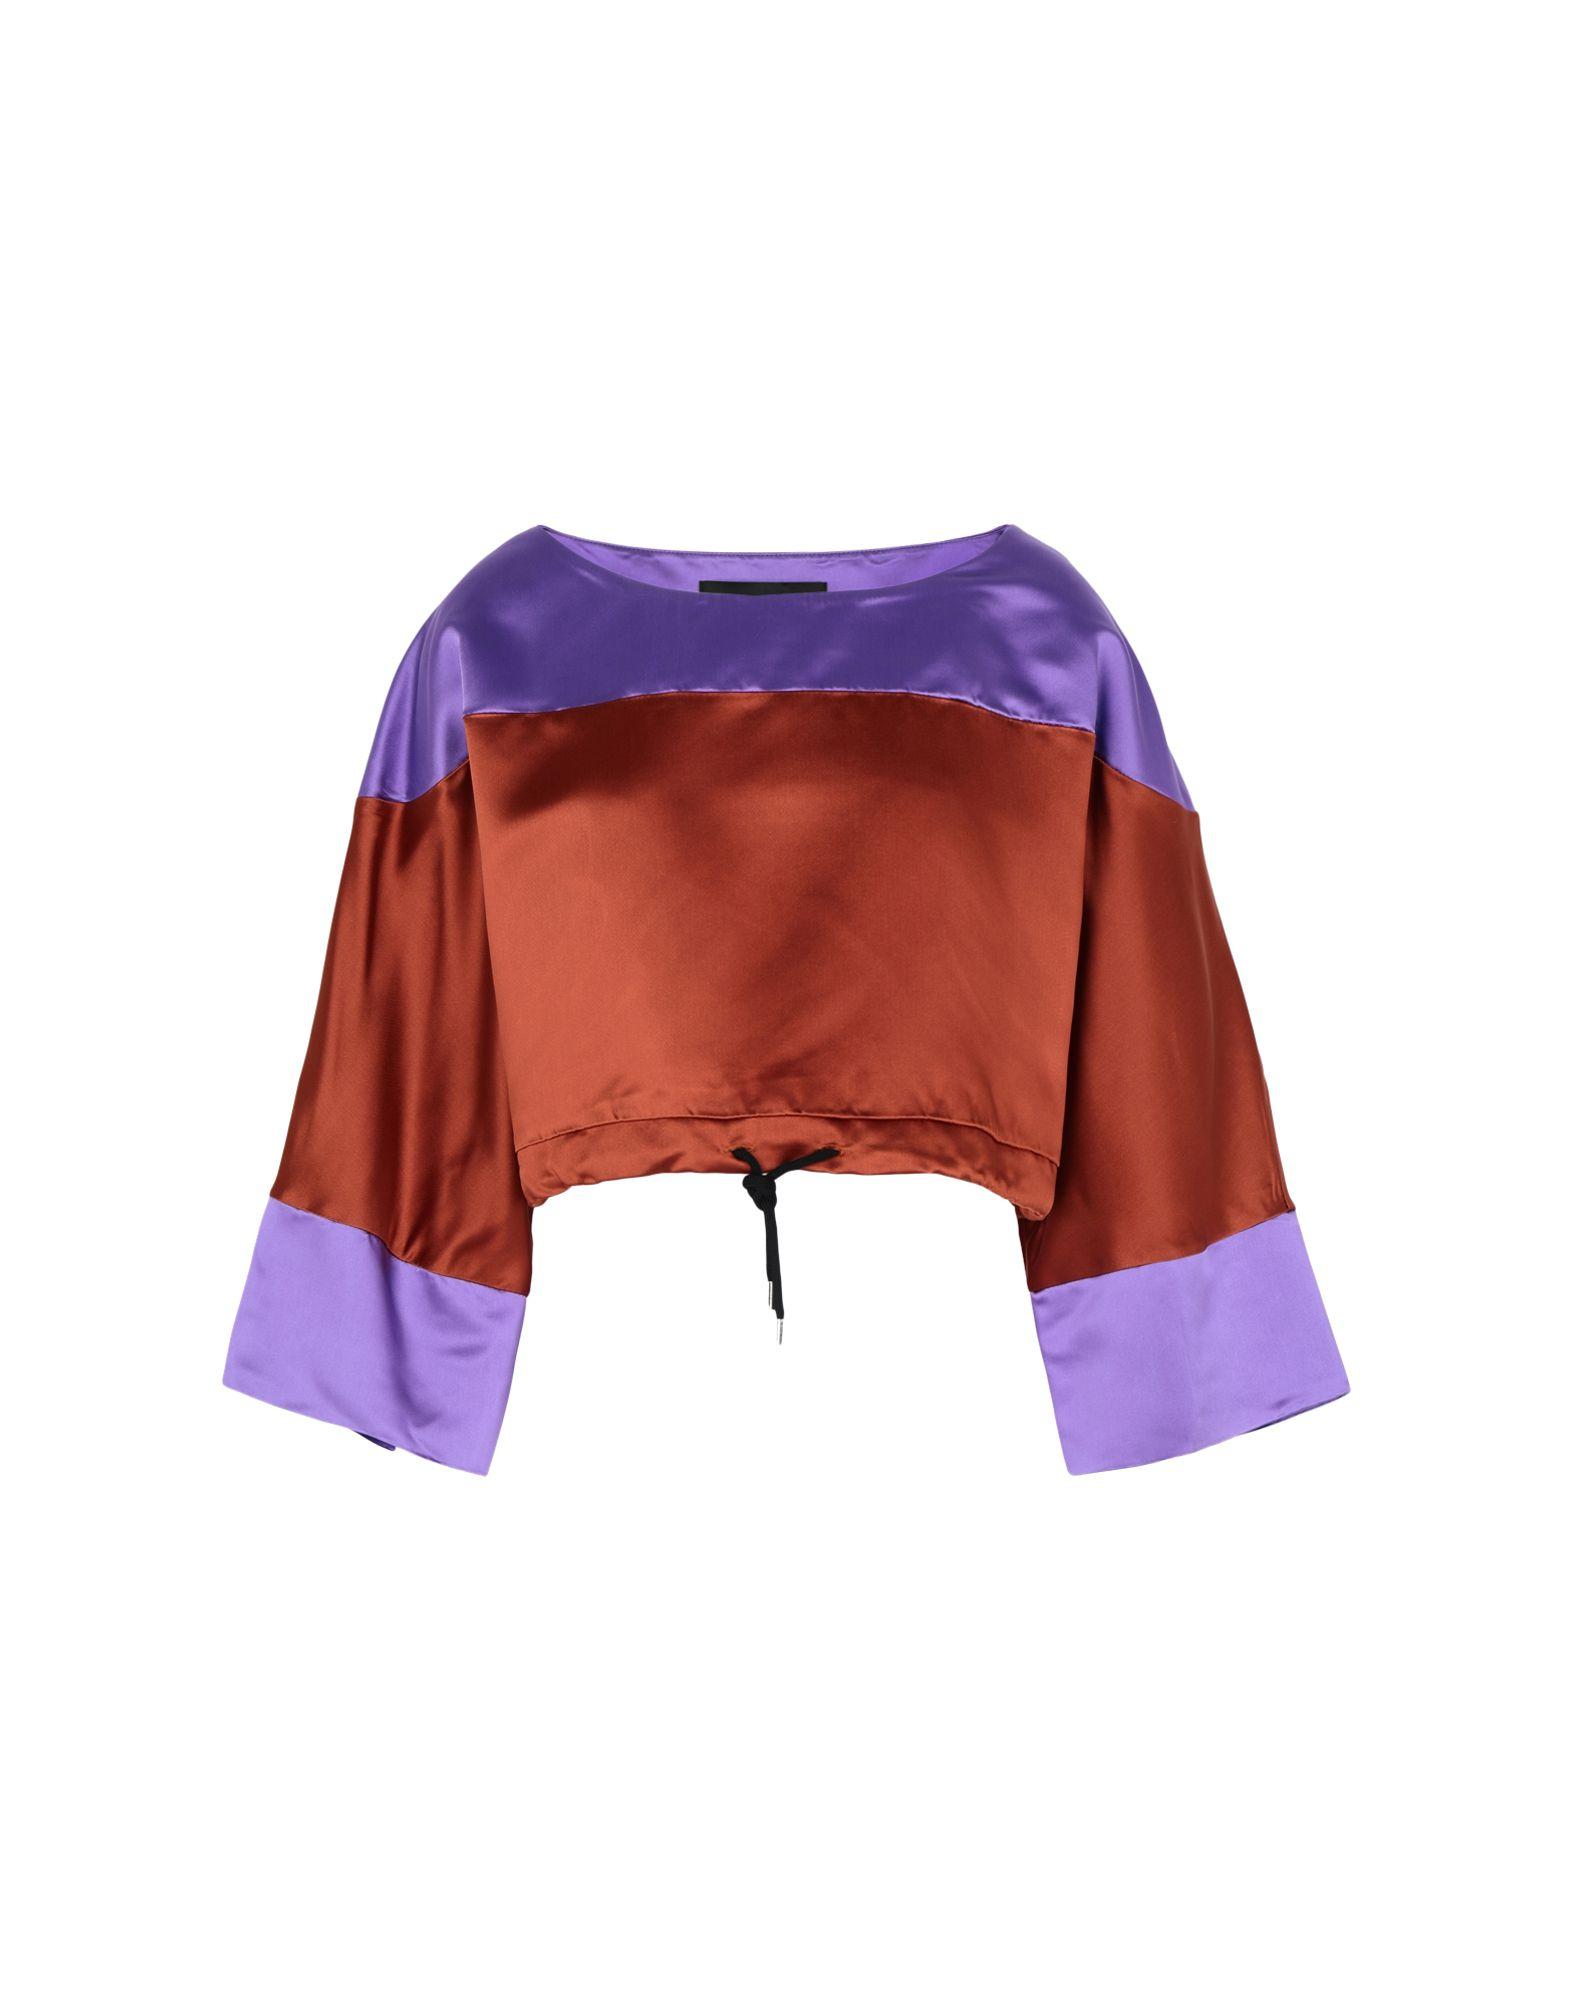 Фото - CHRISTIAN PELLIZZARI Блузка christian pellizzari блузка